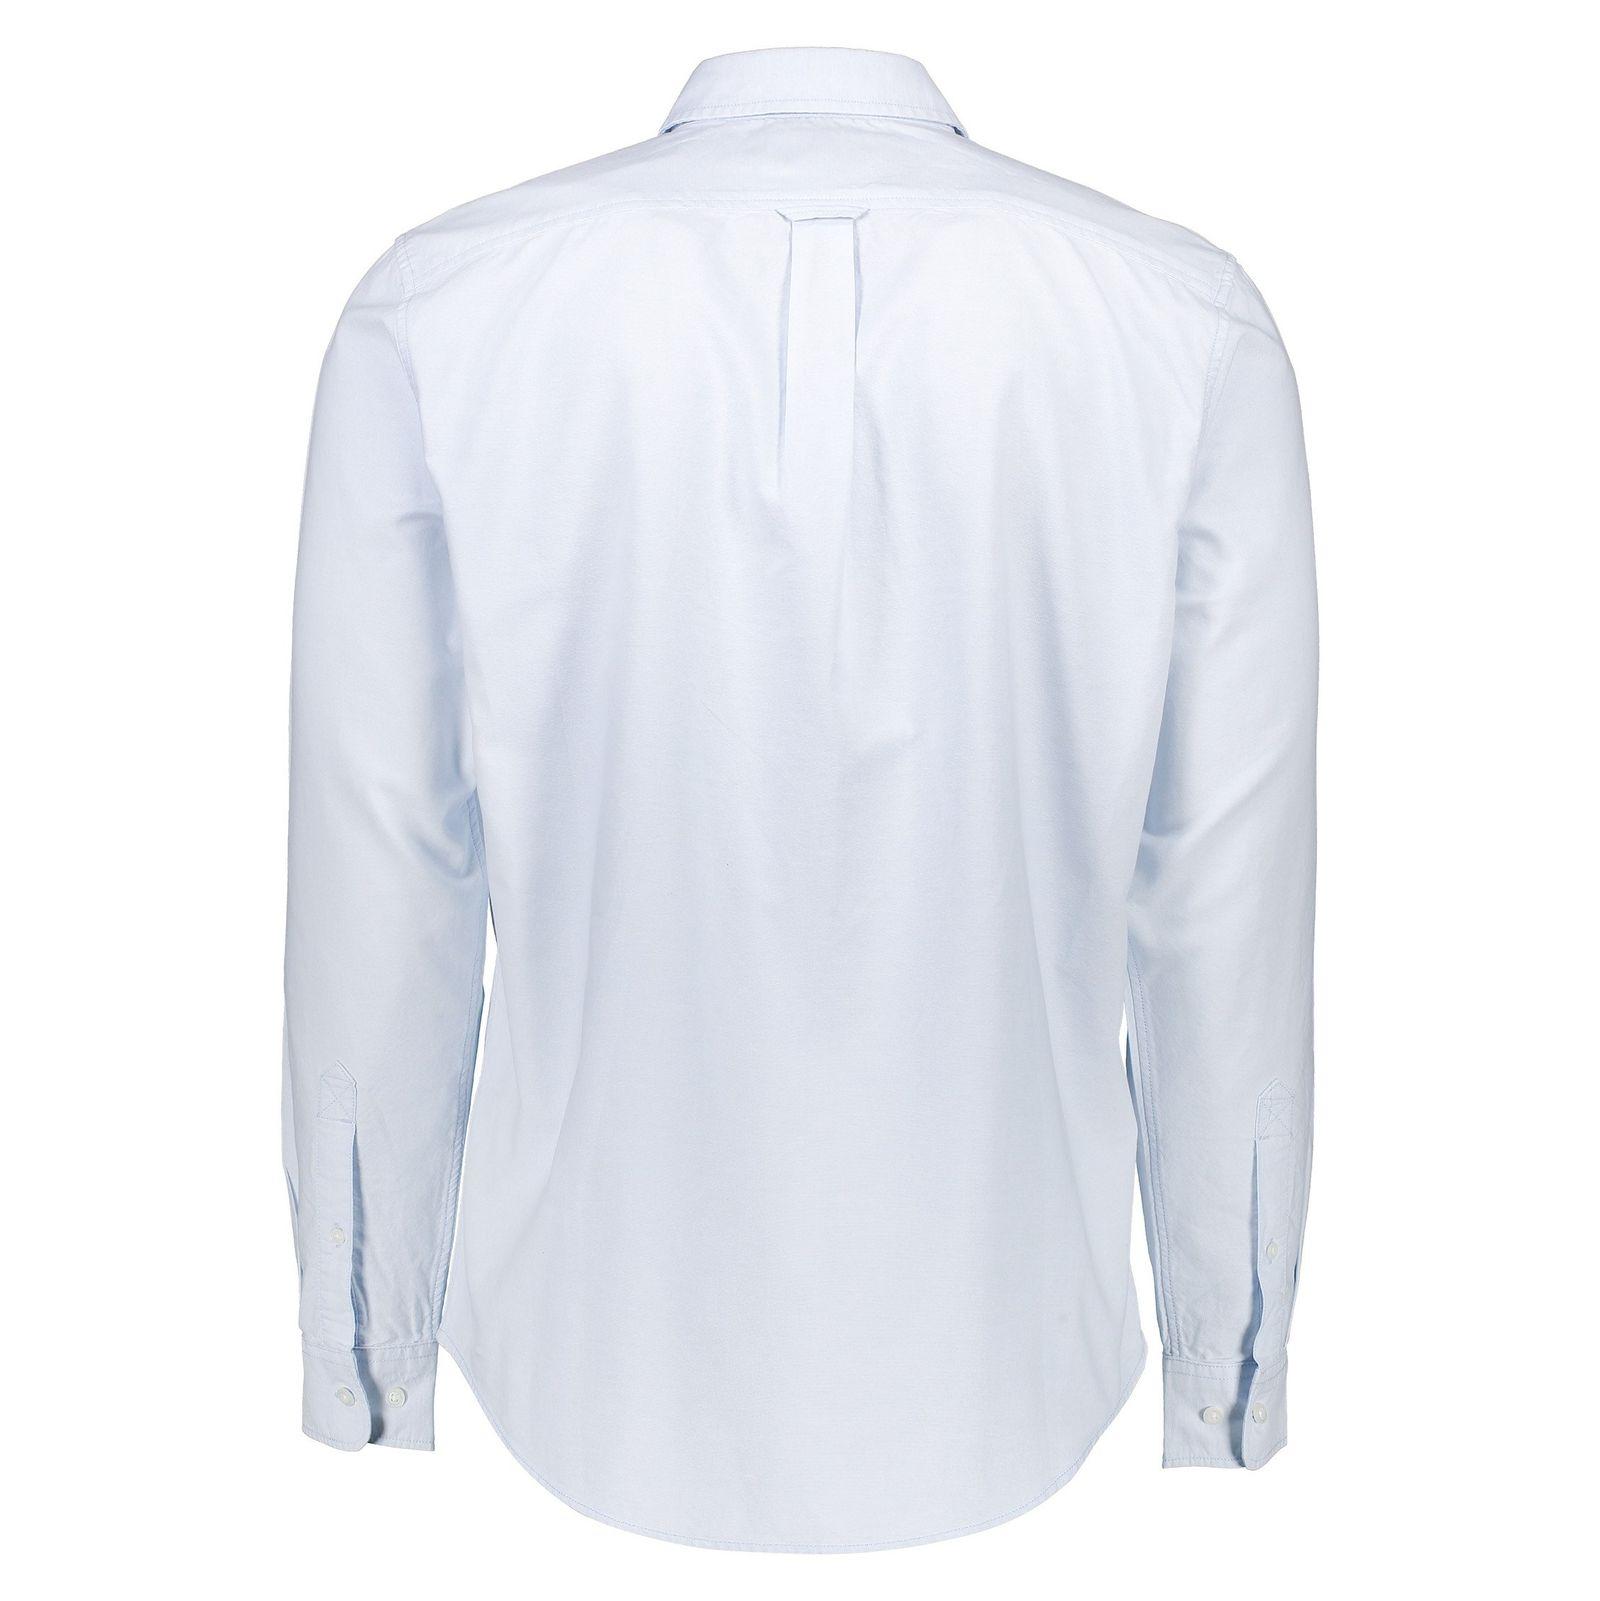 پیراهن نخی آستین بلند مردانه - تیمبرلند - آبي آسماني - 2